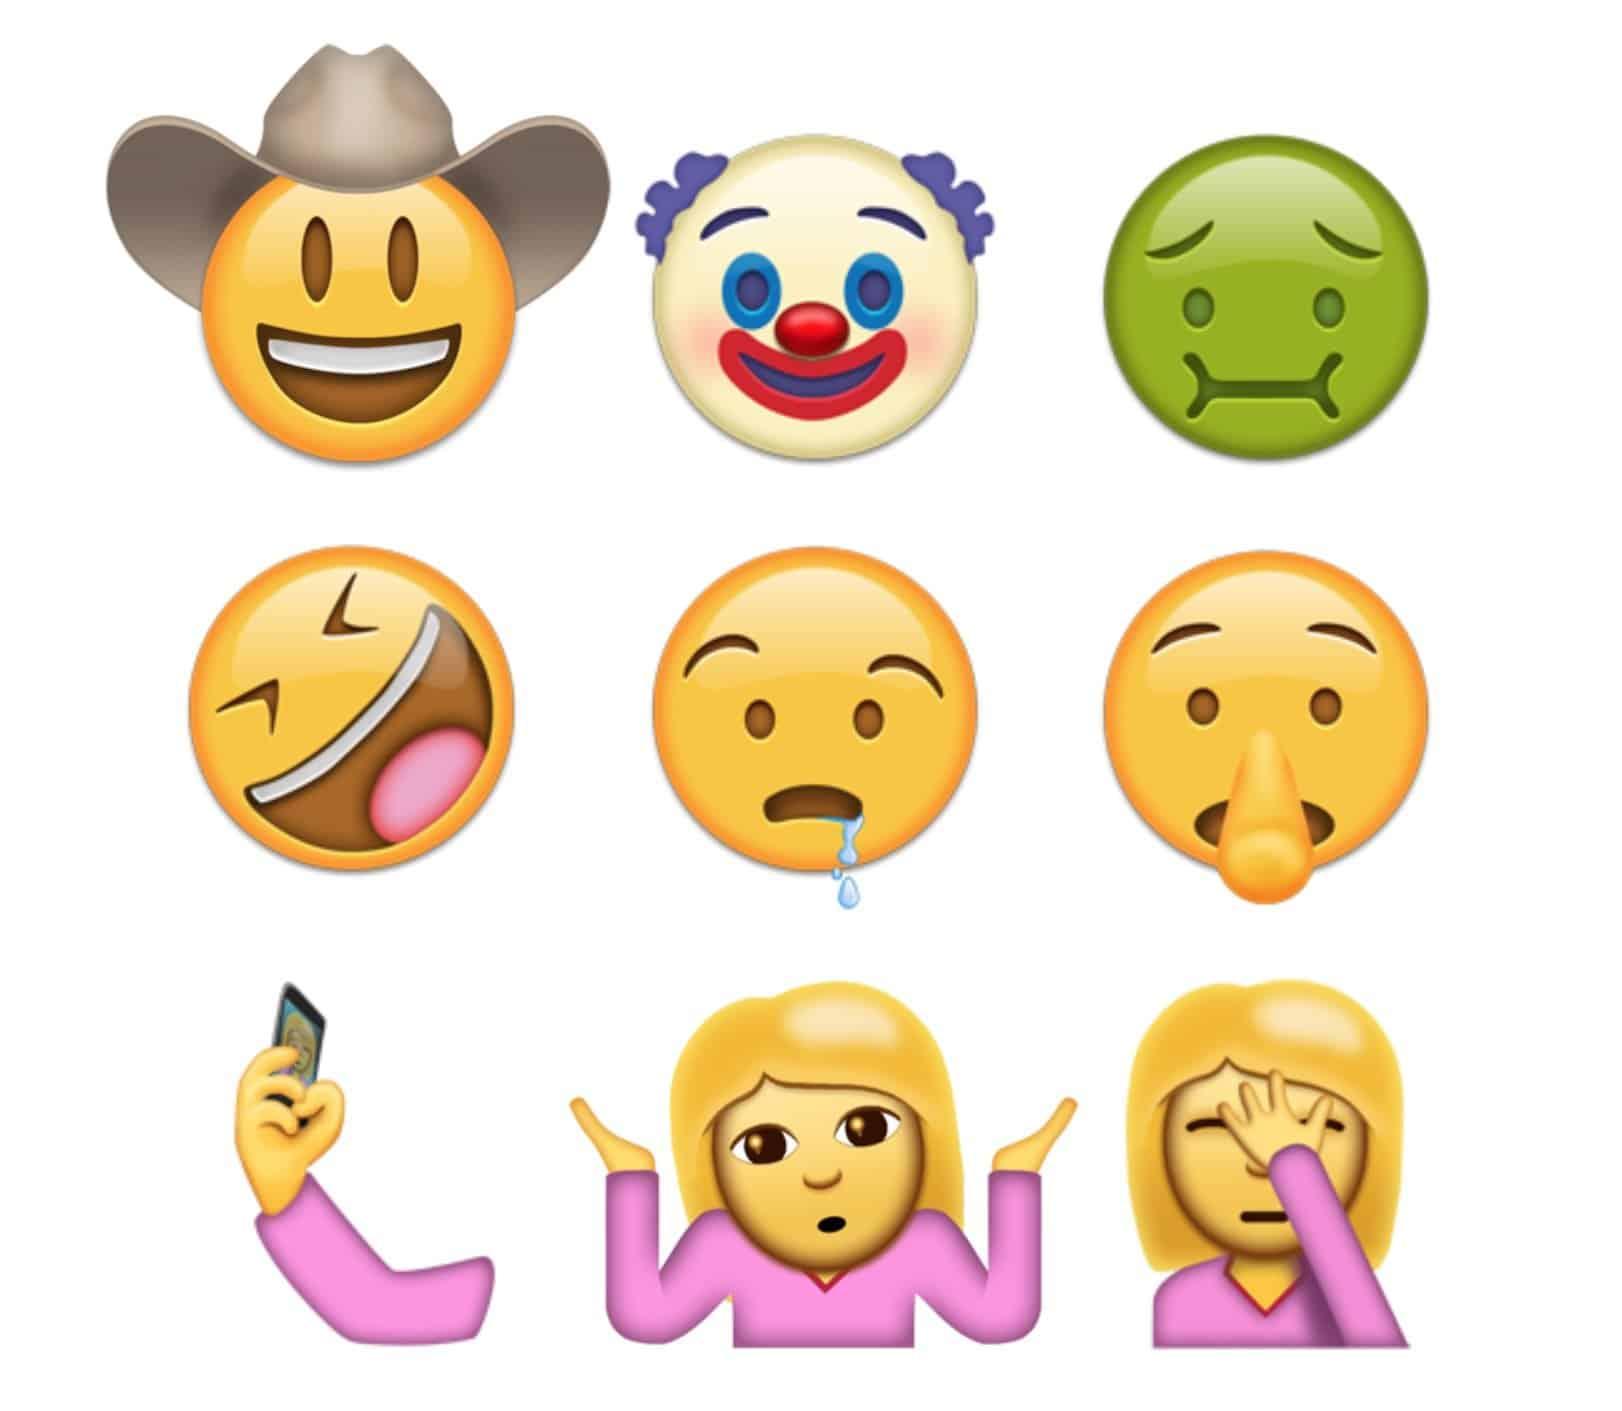 10 - emojis 2016